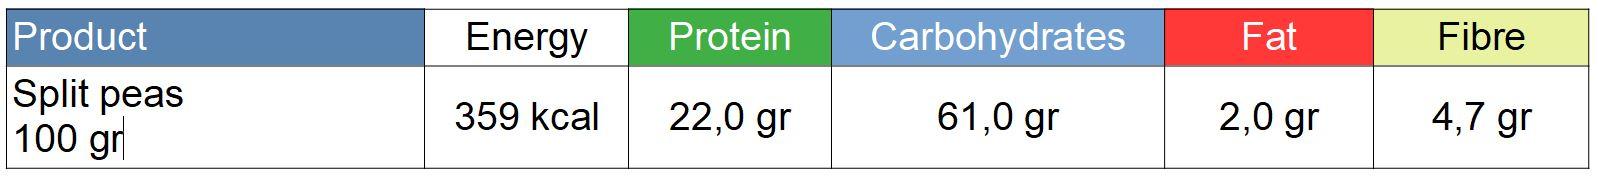 Nutritional values split peas